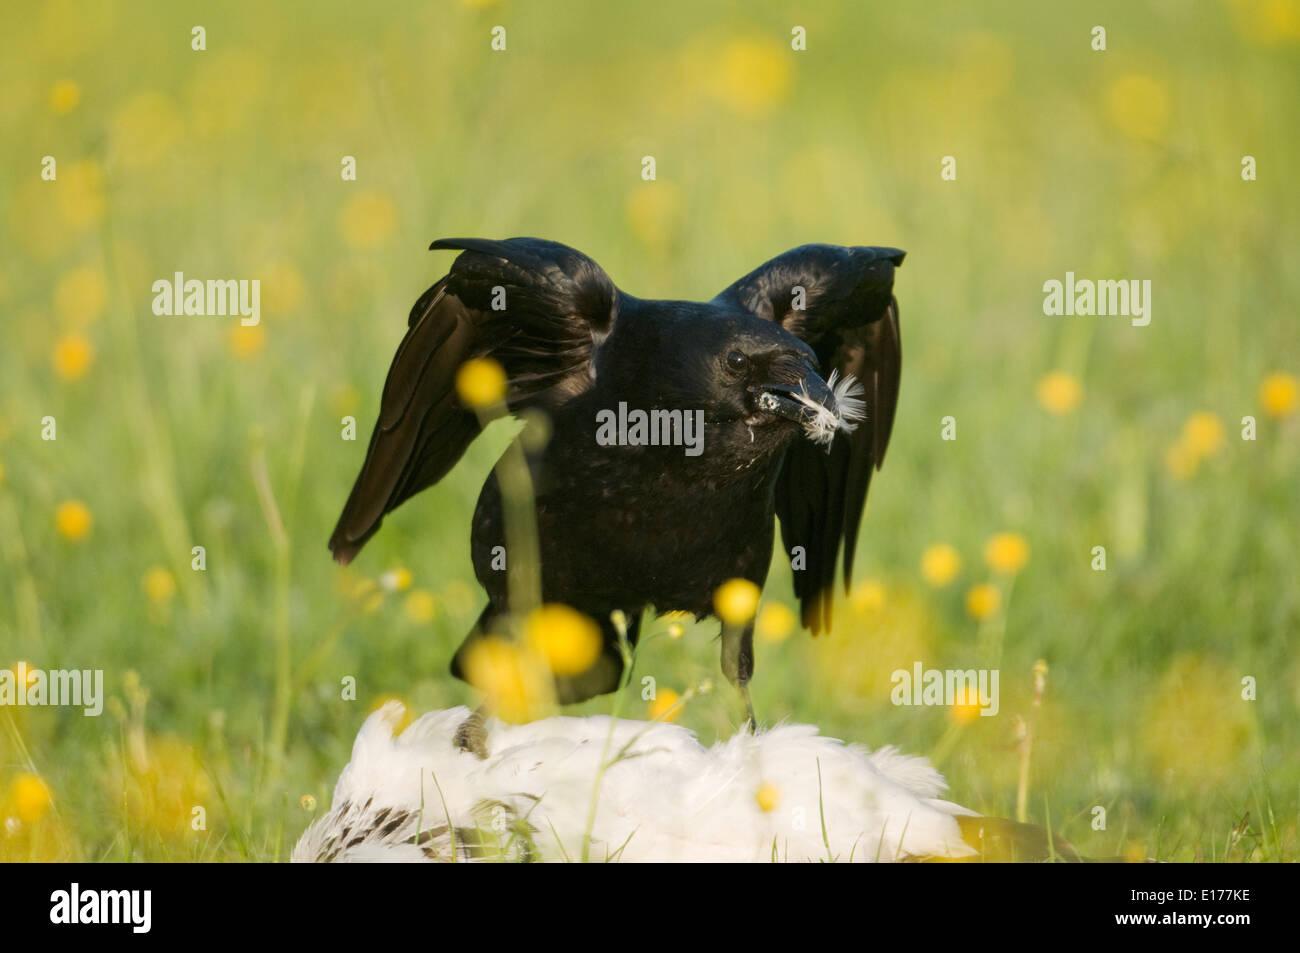 AAS-Krähe (Corvus Corone) ernähren sich von Knochen in einem Feld von Butterblumen Stockbild